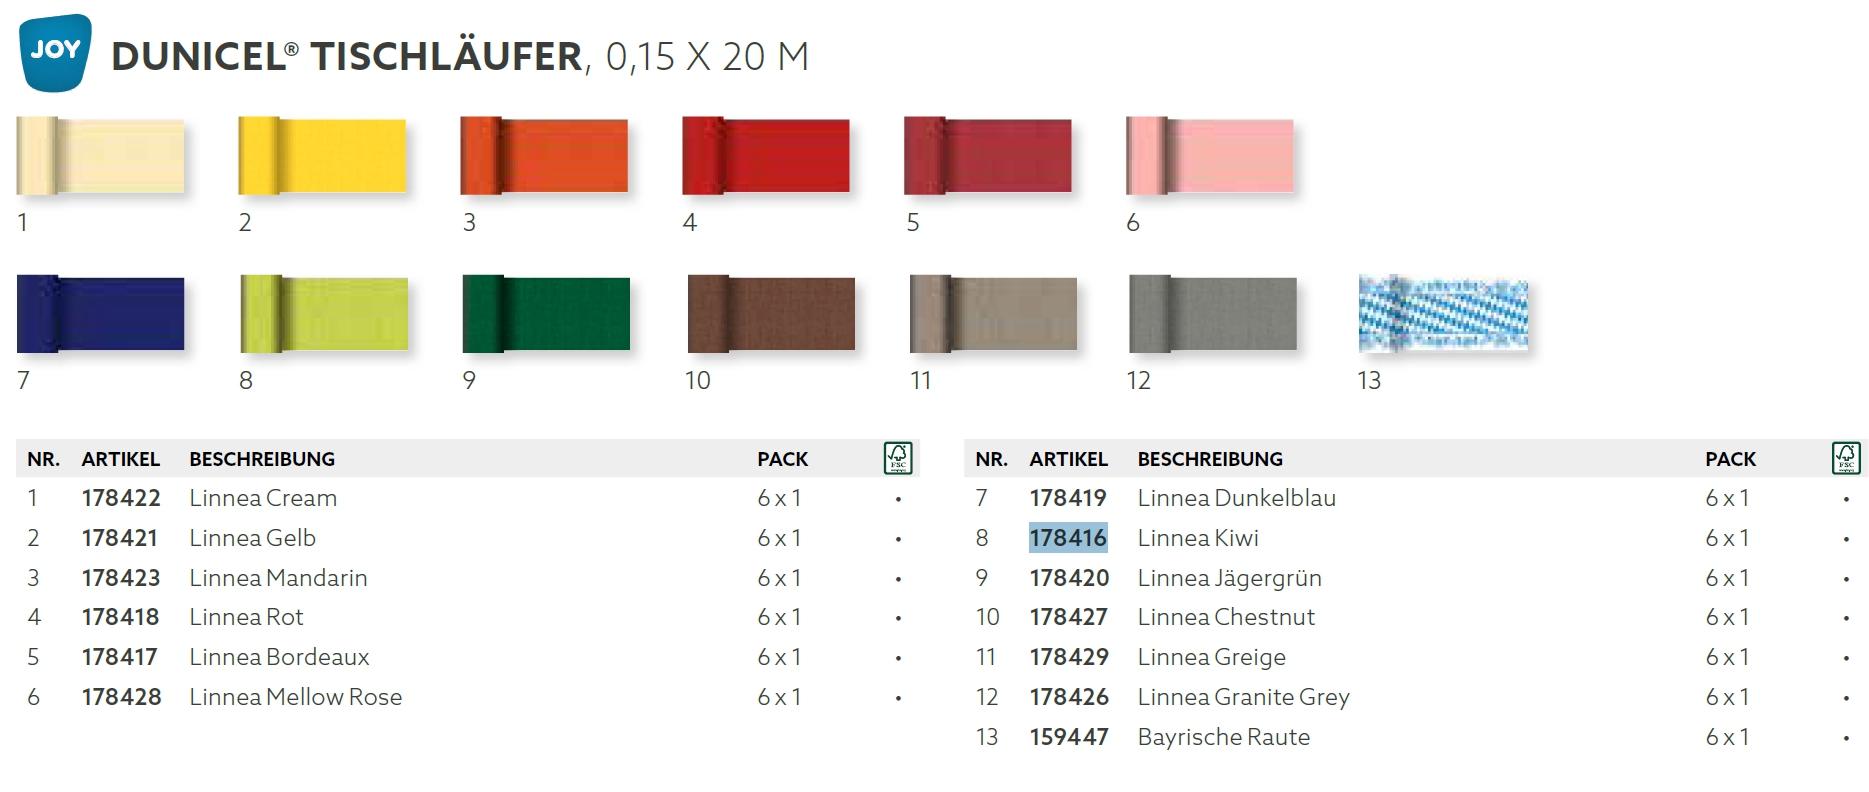 Dunicel Tischläufer 0,15 x 20 m | Linnea uni | (bitte 17810-[DUNI-ArtikelNr] angeben)